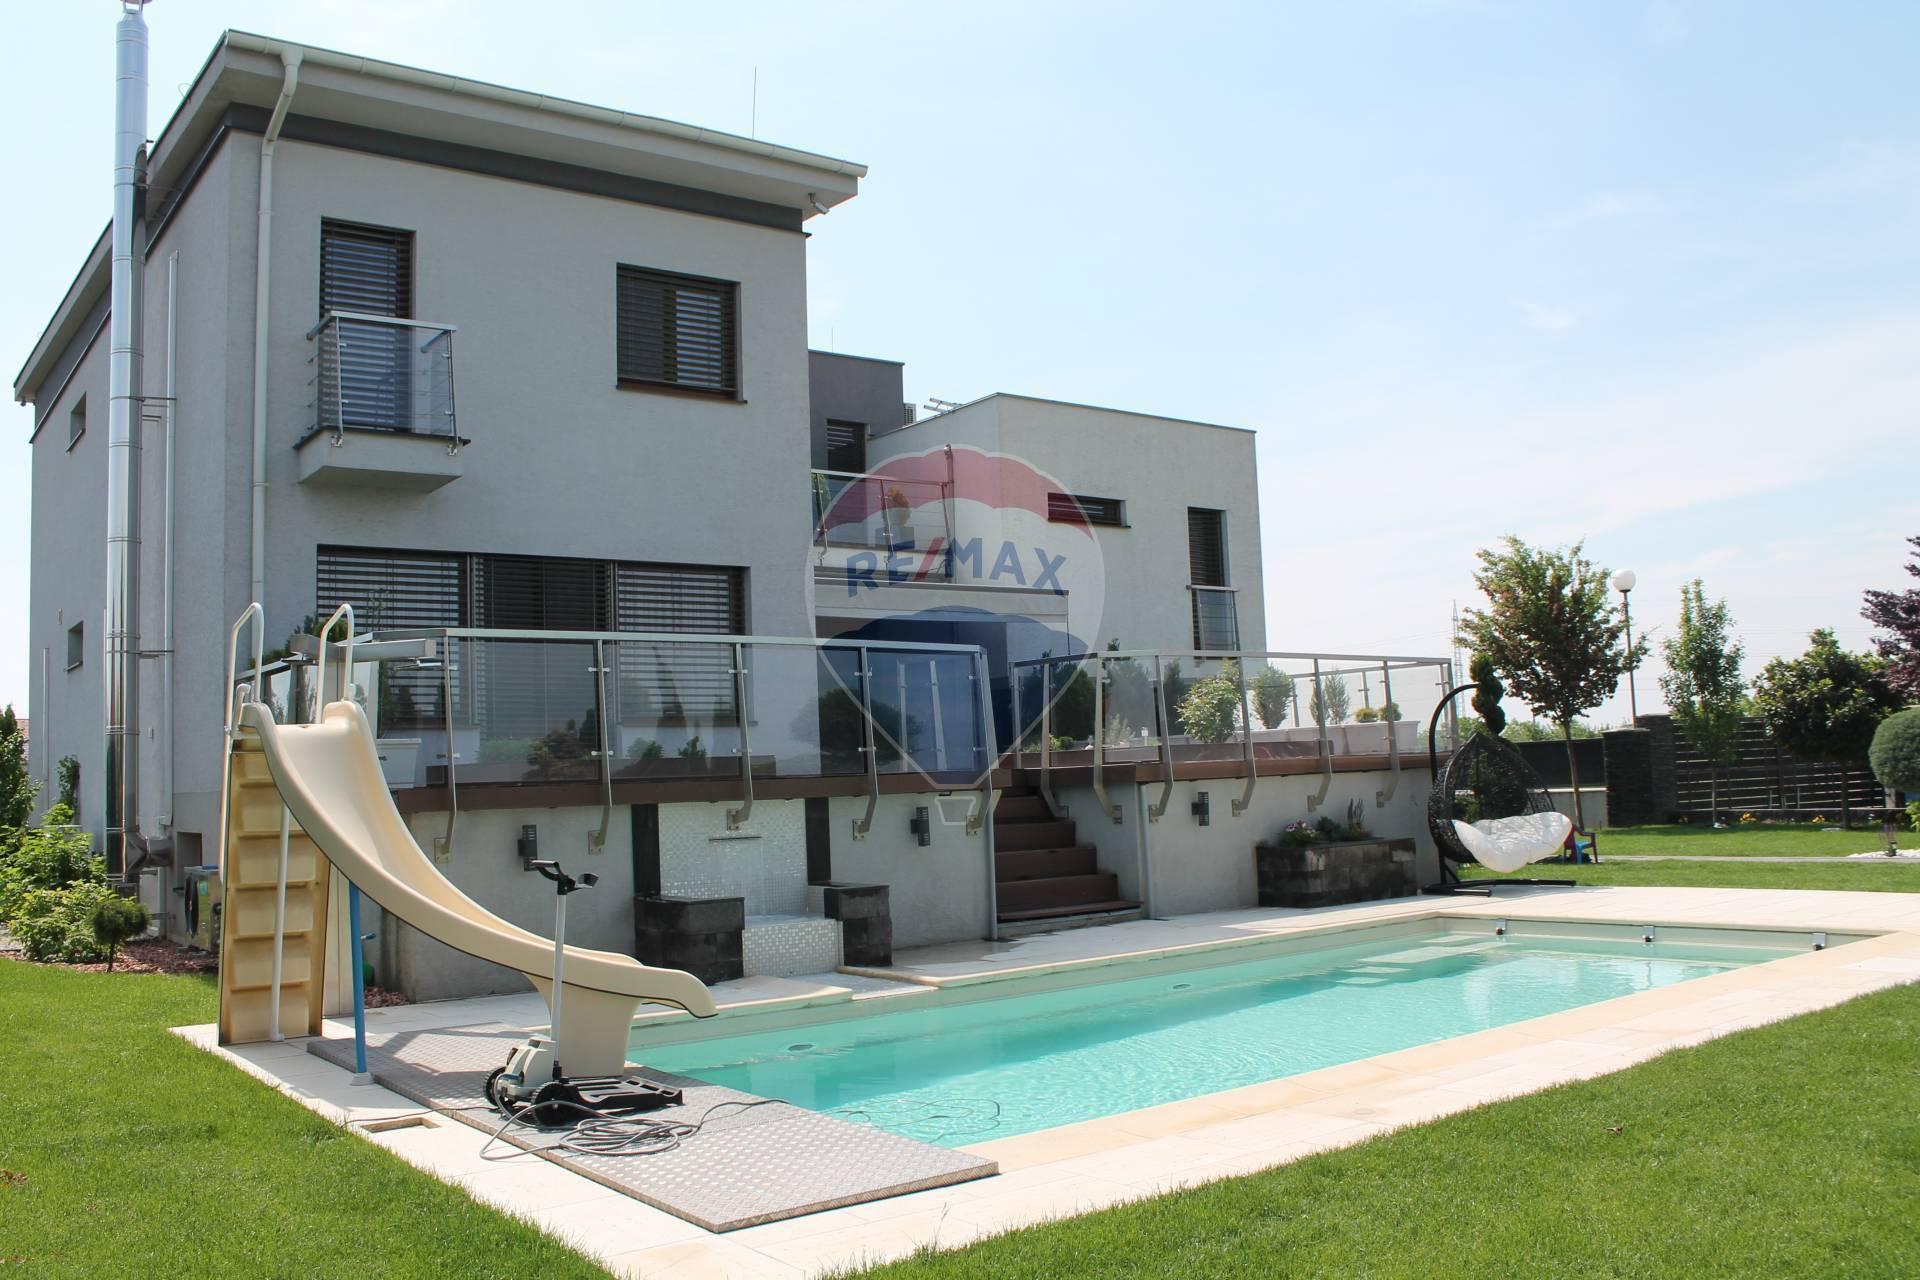 PREDAJ Rodinného domu, garáž, bazén, pozemok 1214 m2, Štvrtok na ostrove.